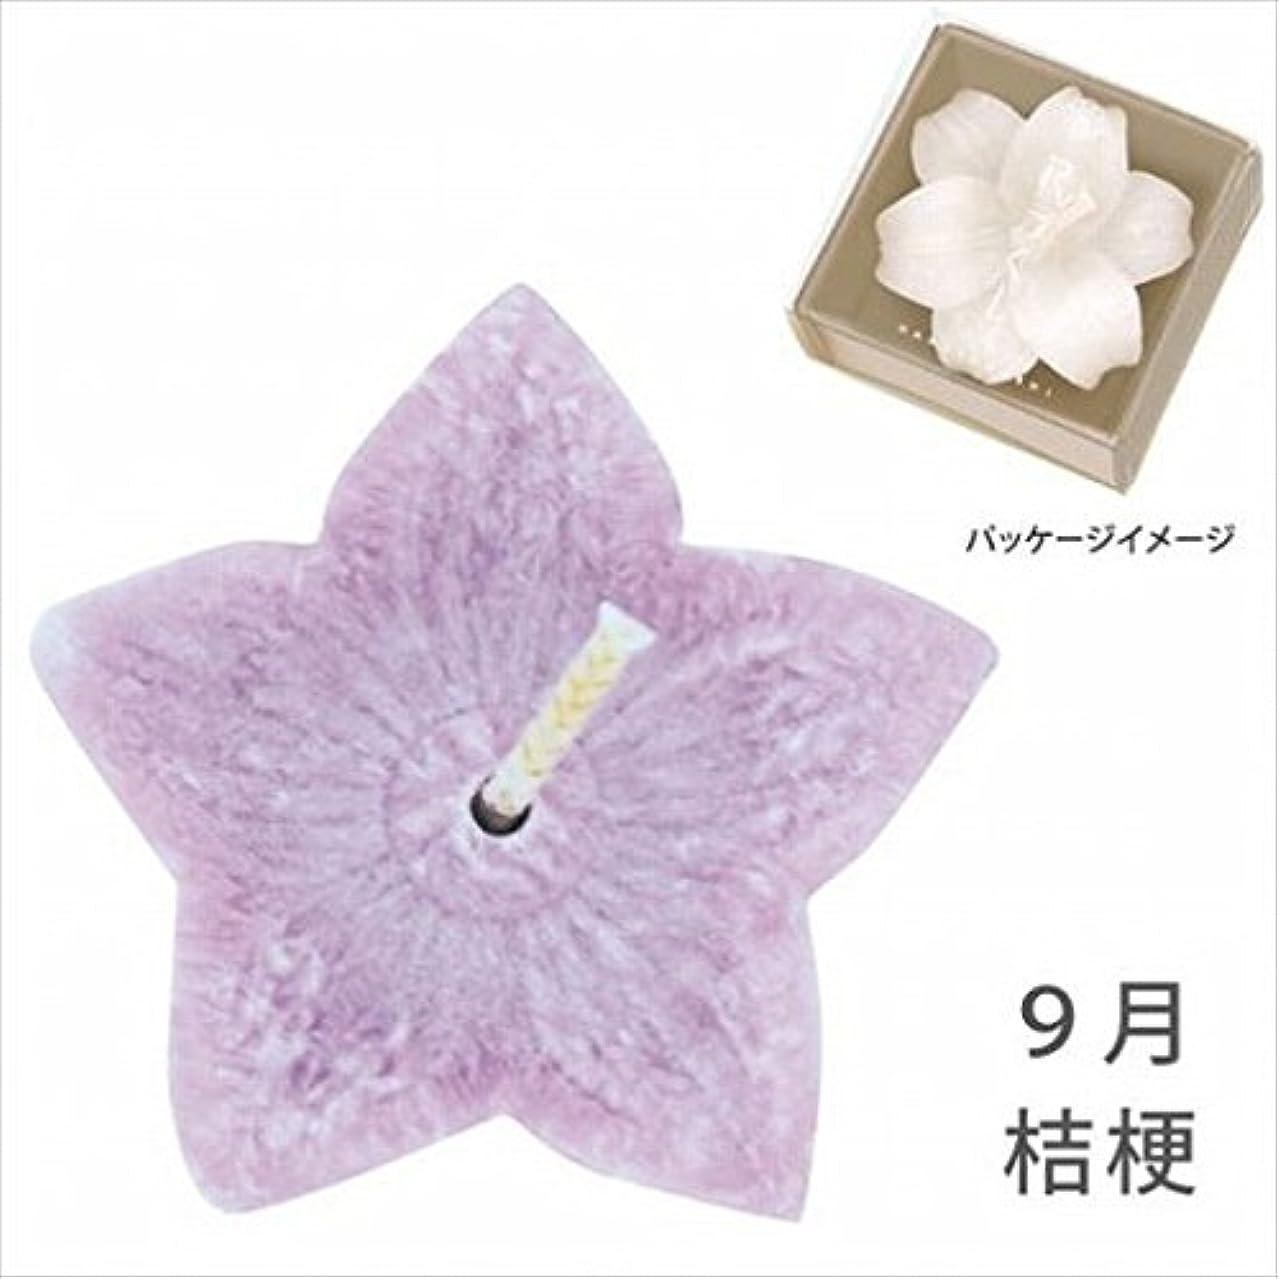 スペース投げ捨てるフラッシュのように素早くkameyama candle(カメヤマキャンドル) 花づくし(植物性) 桔梗 「 桔梗(9月) 」 キャンドル(A4620510)